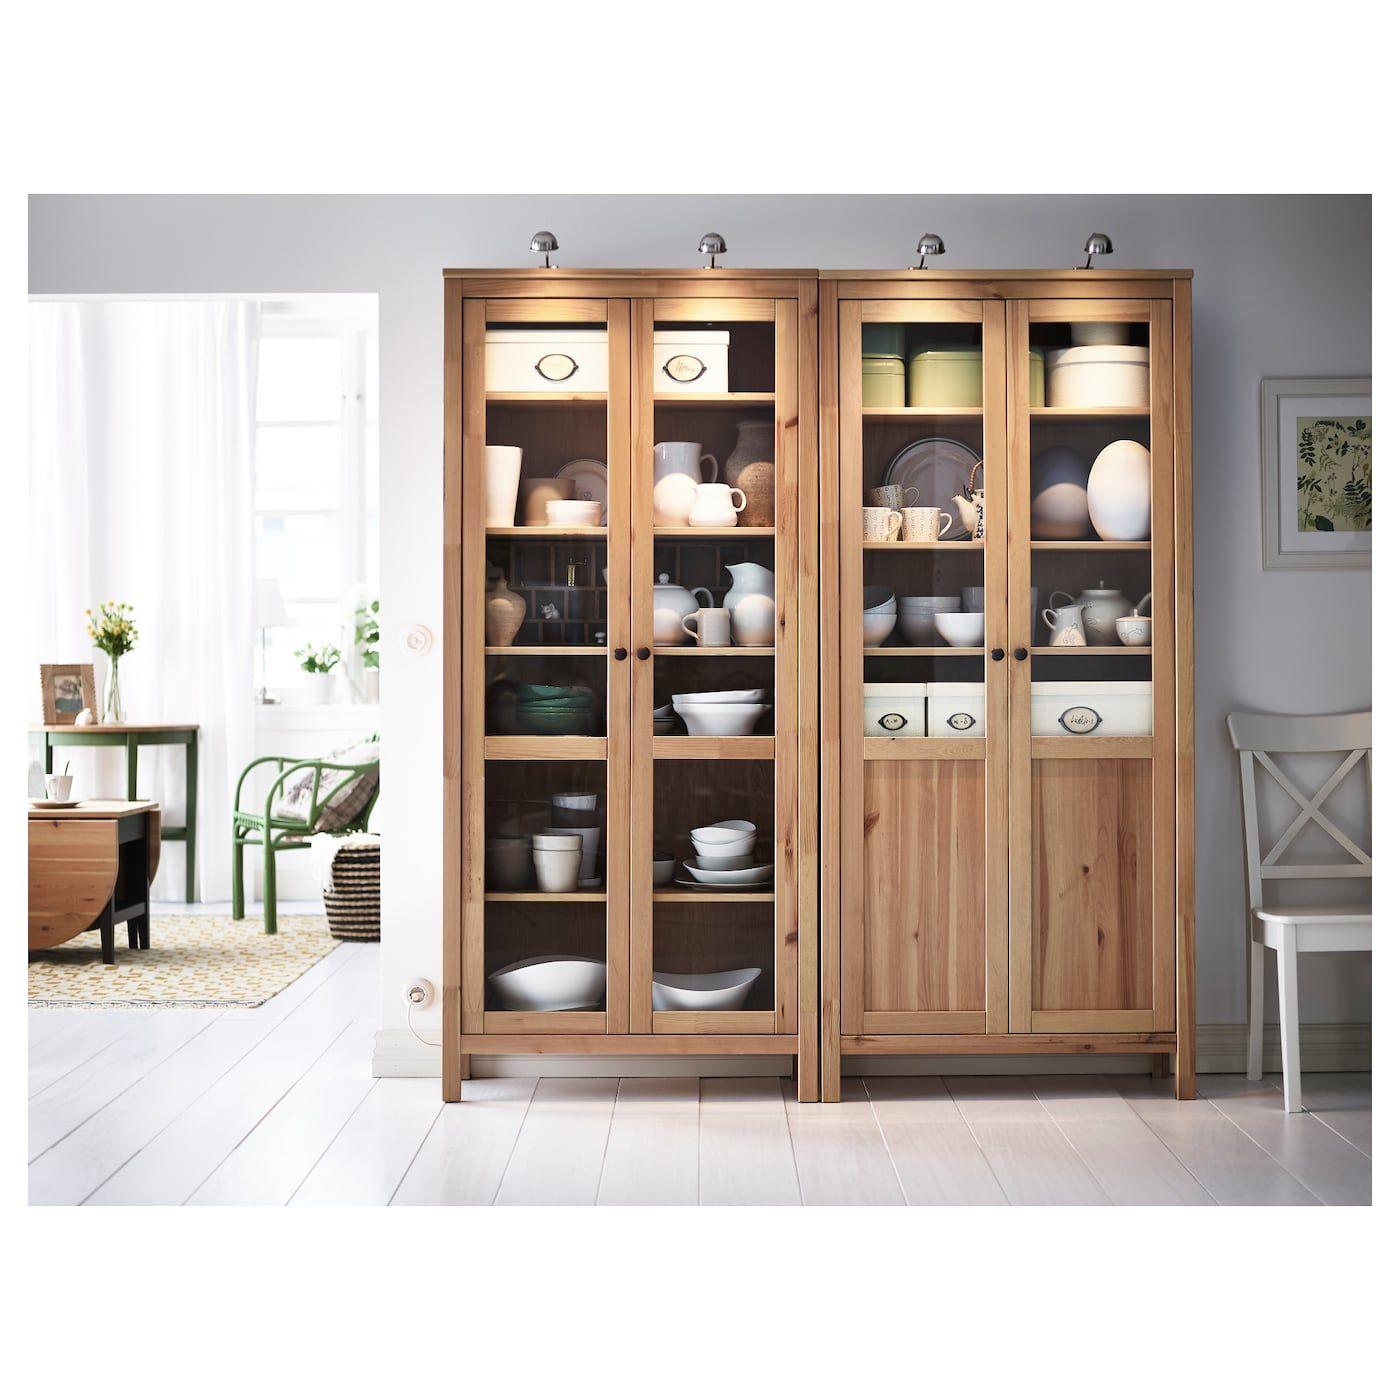 Mobler Og Interior Til Hele Hjemmet Glass Cabinet Doors Home Furnishings Hemnes